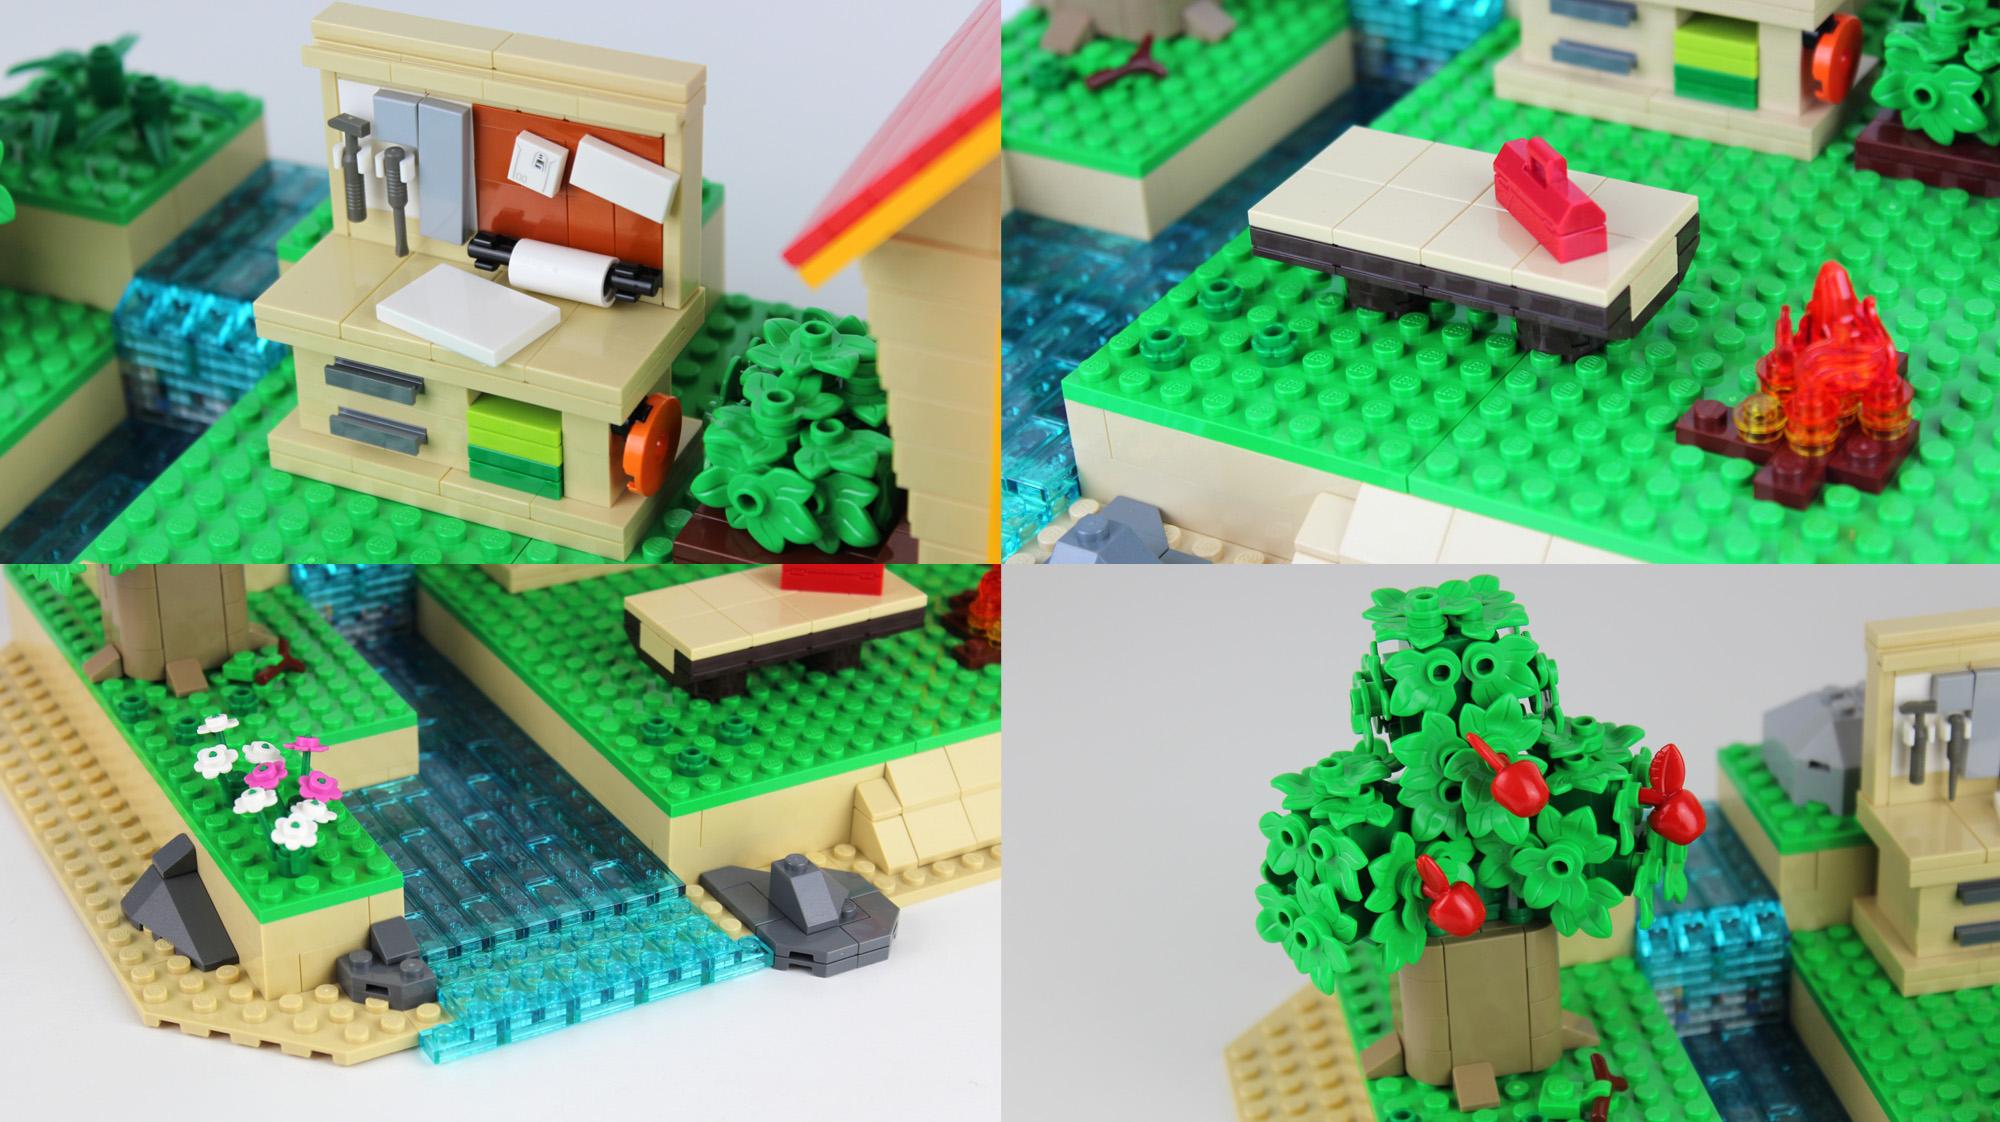 レゴアイデアで『あつまれ どうぶつの森』が製品化レビュー進出!2021年第1回1万サポート獲得デザイン紹介